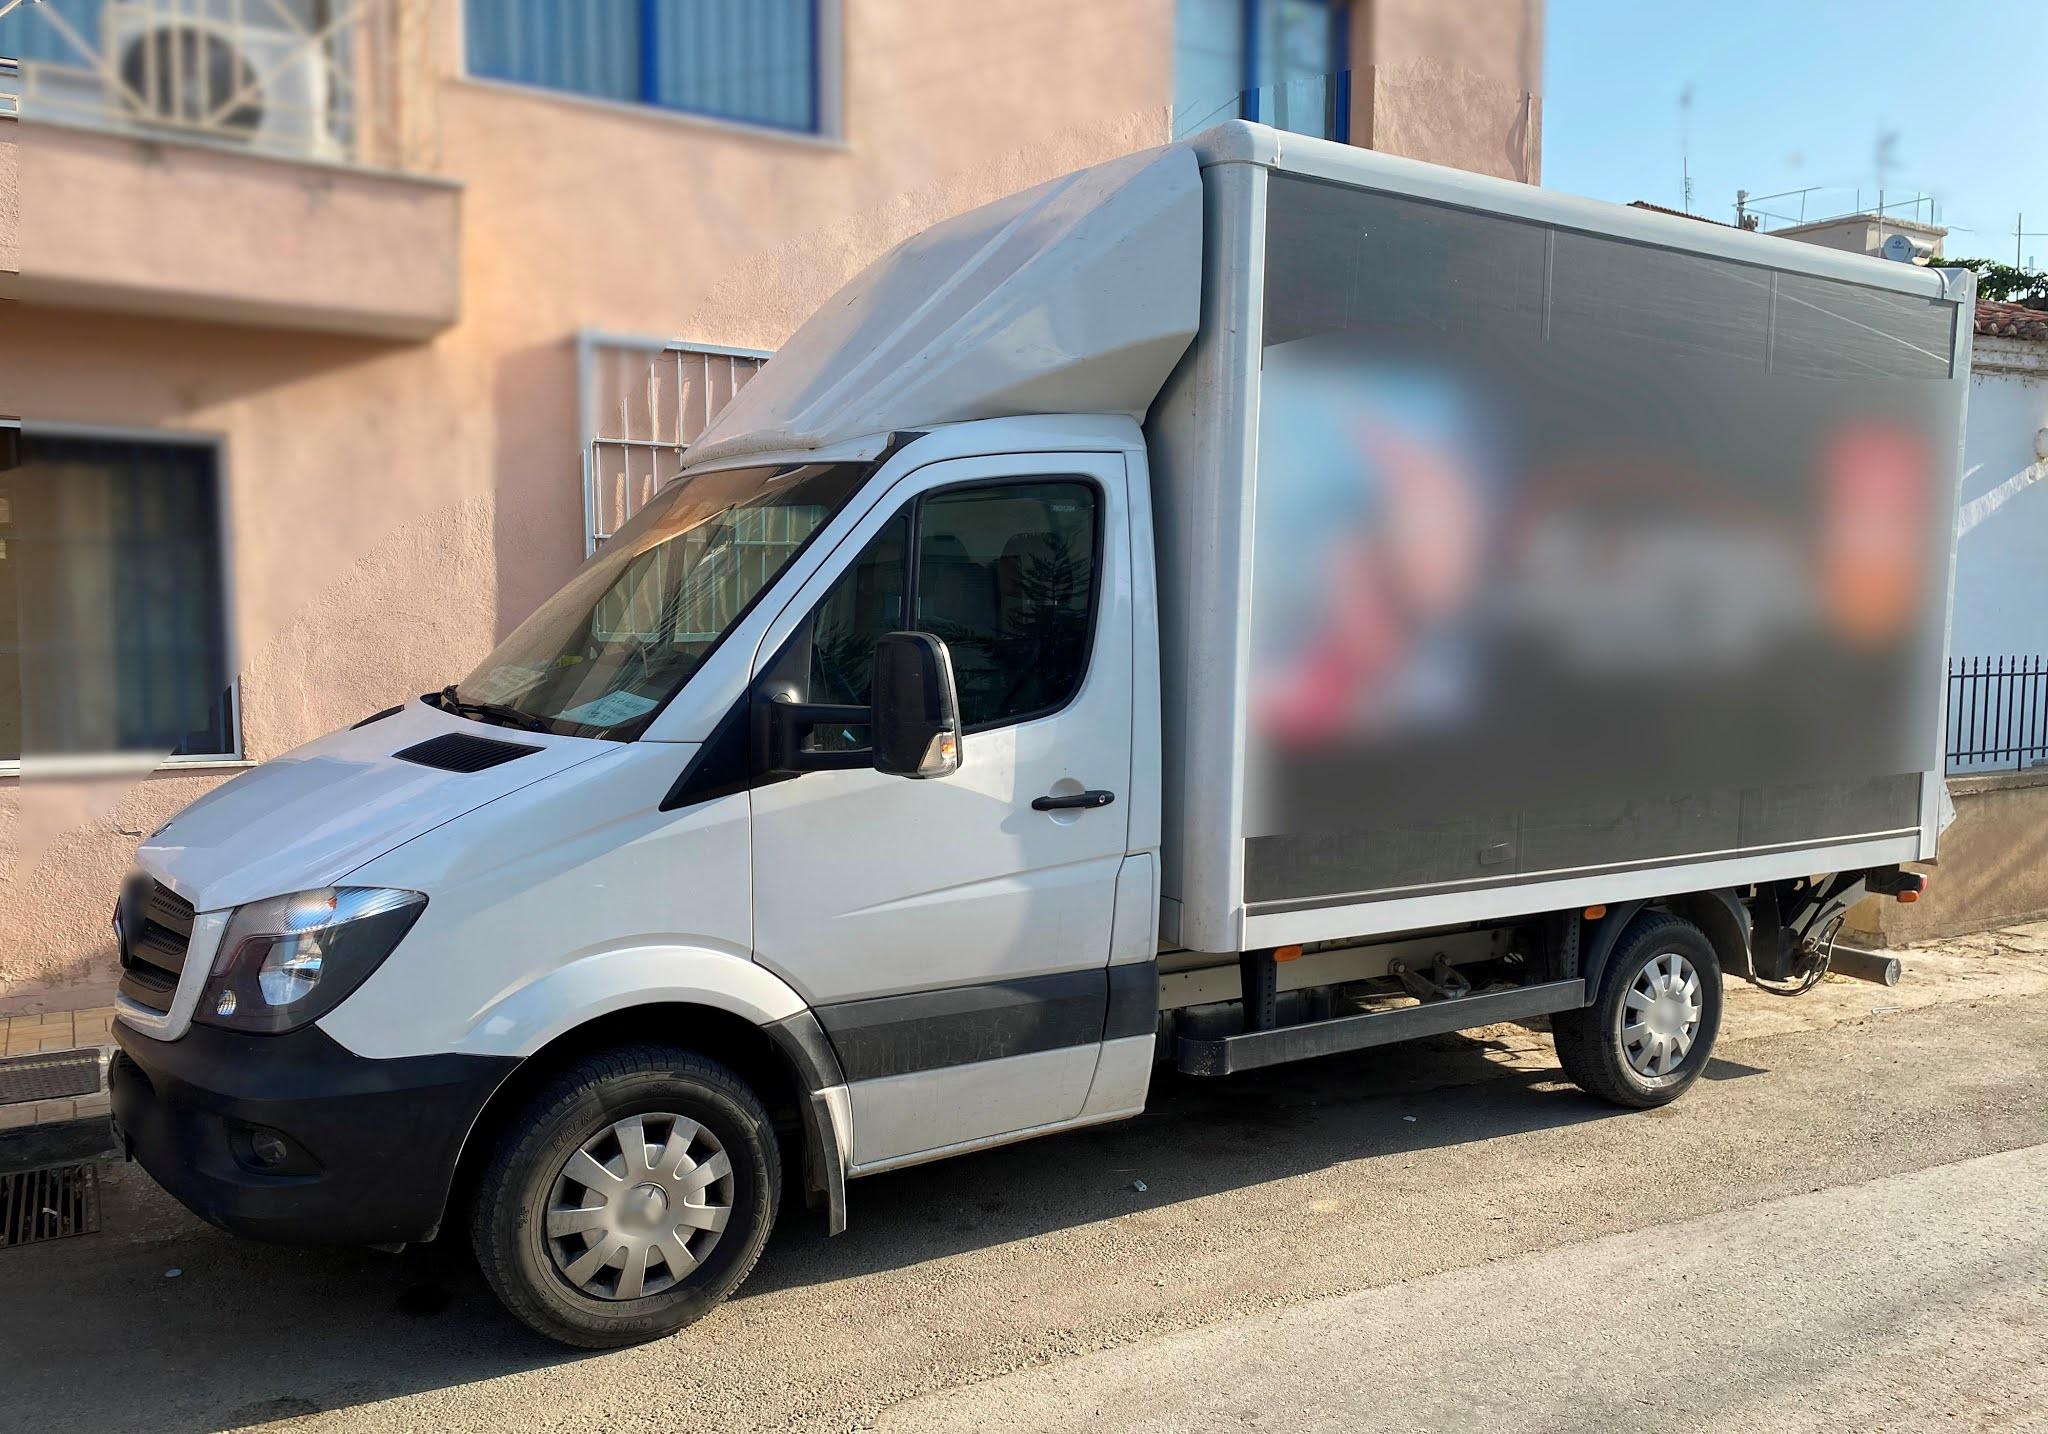 Νέες συλλήψεις διακινητών στην Ξάνθη - Οδηγούσε χωρίς δίπλωμα!